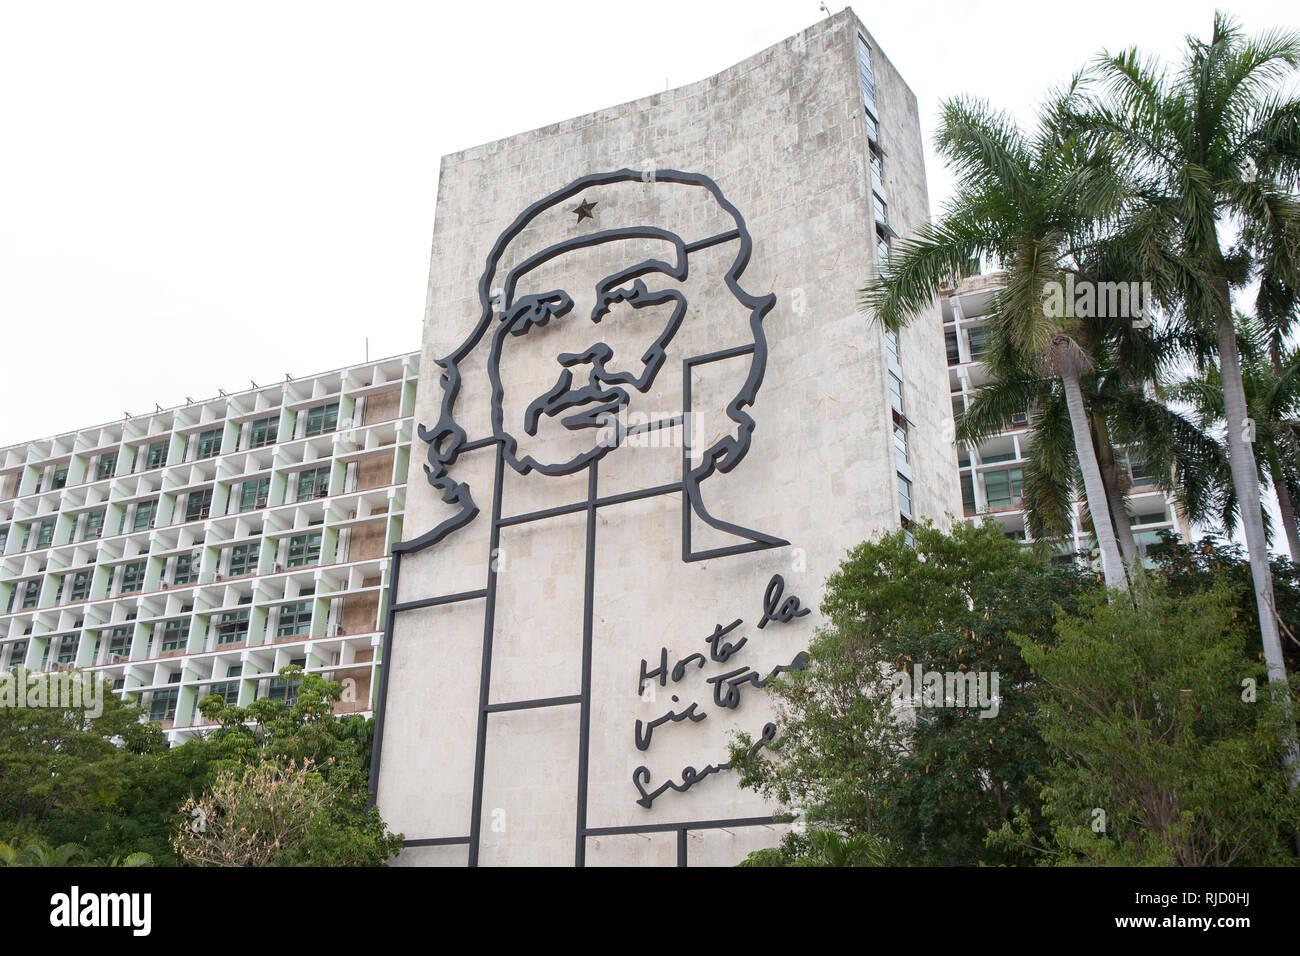 Plaza de la Revolución Revolution in Havana Cuba - Stock Image